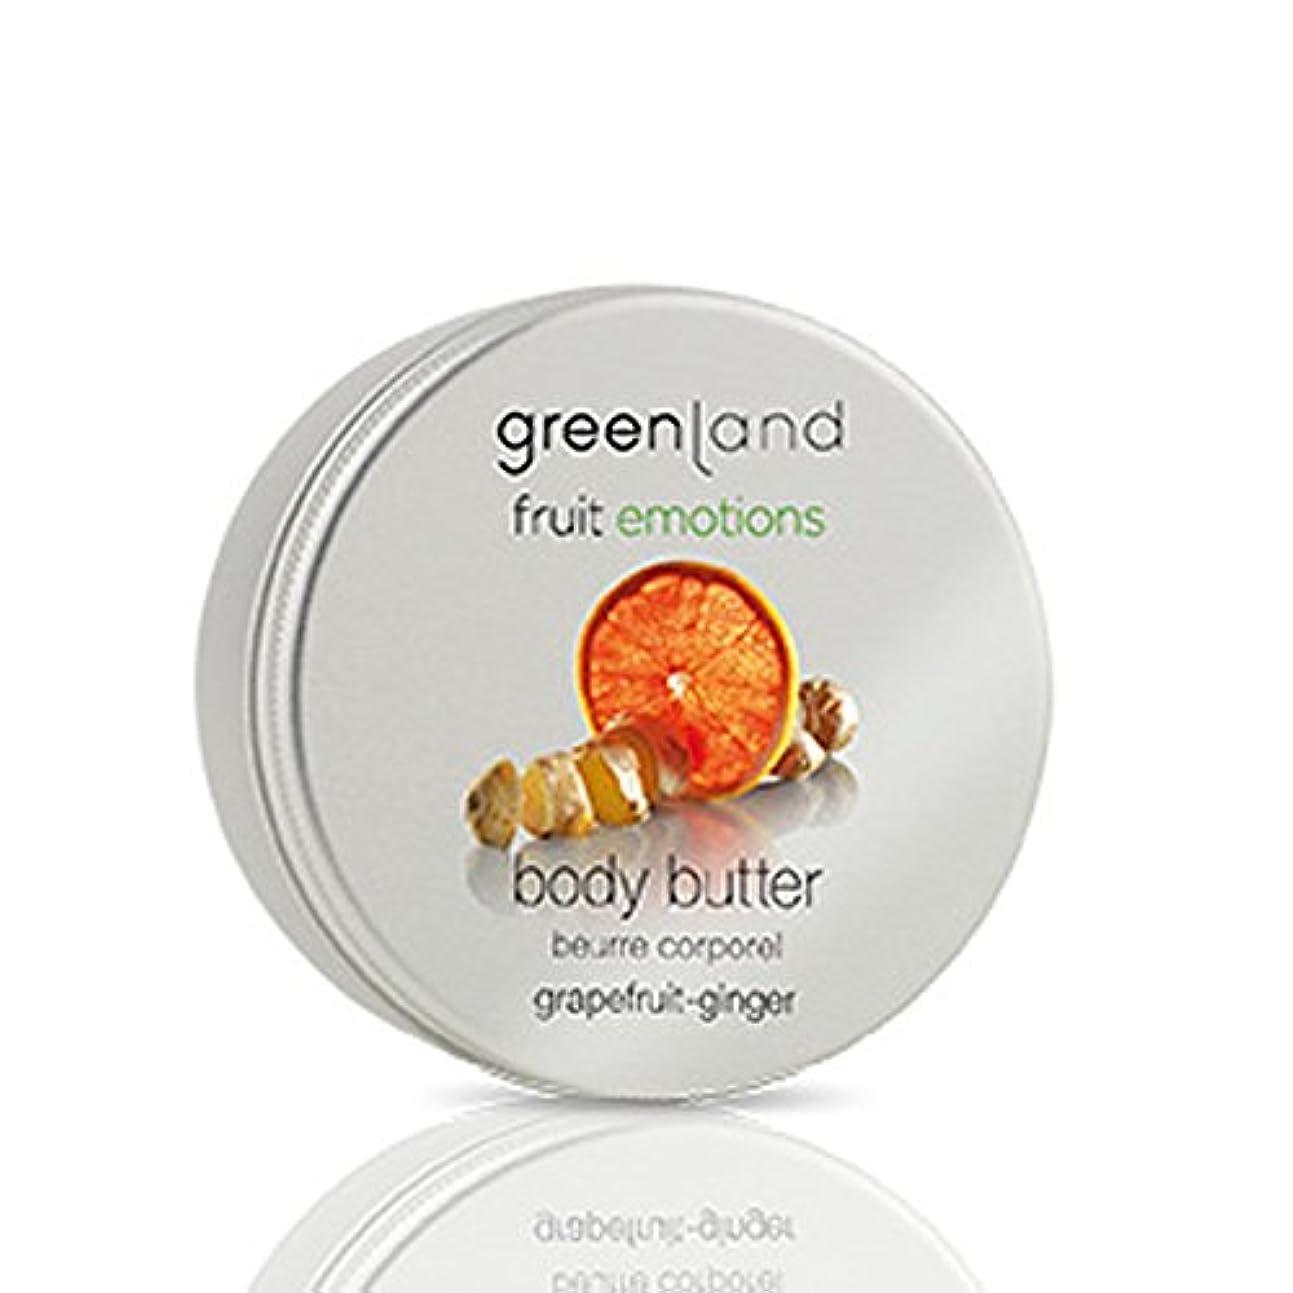 greenland [FruitEmotions] ボディバター 120ml グレープフルーツ&ジンジャー FE0435